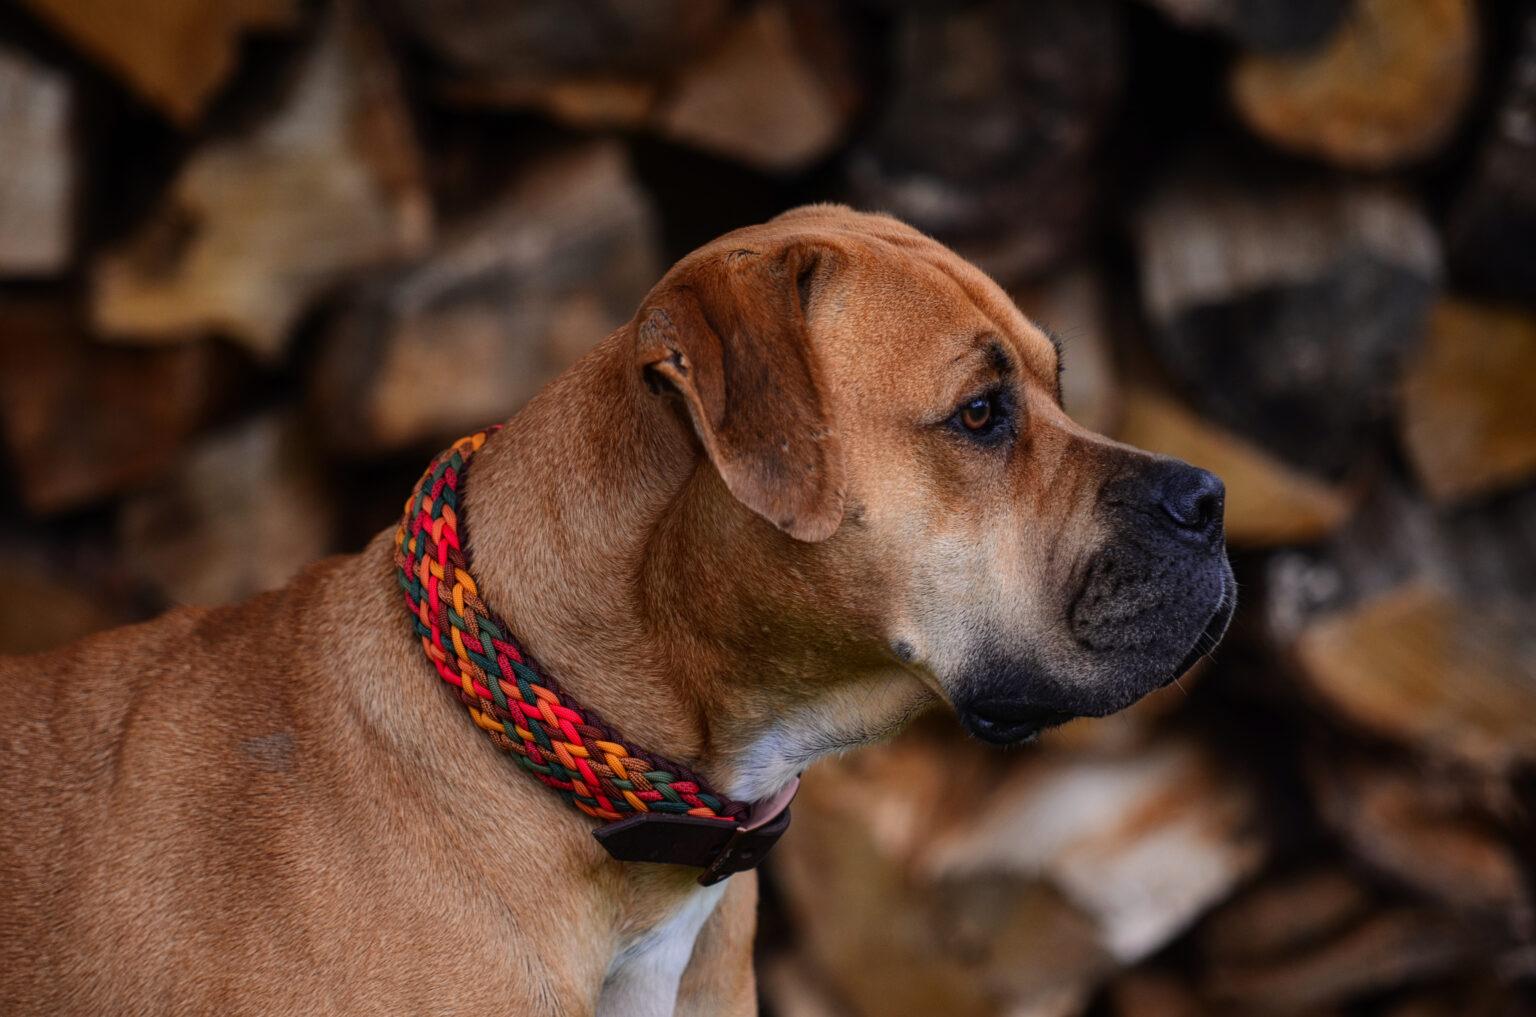 Herbstliche Farben passen ausgezeichnet zum rötlichen Fell von Nala. Die Lederschnalle ist ein zusätzliches Highlight.